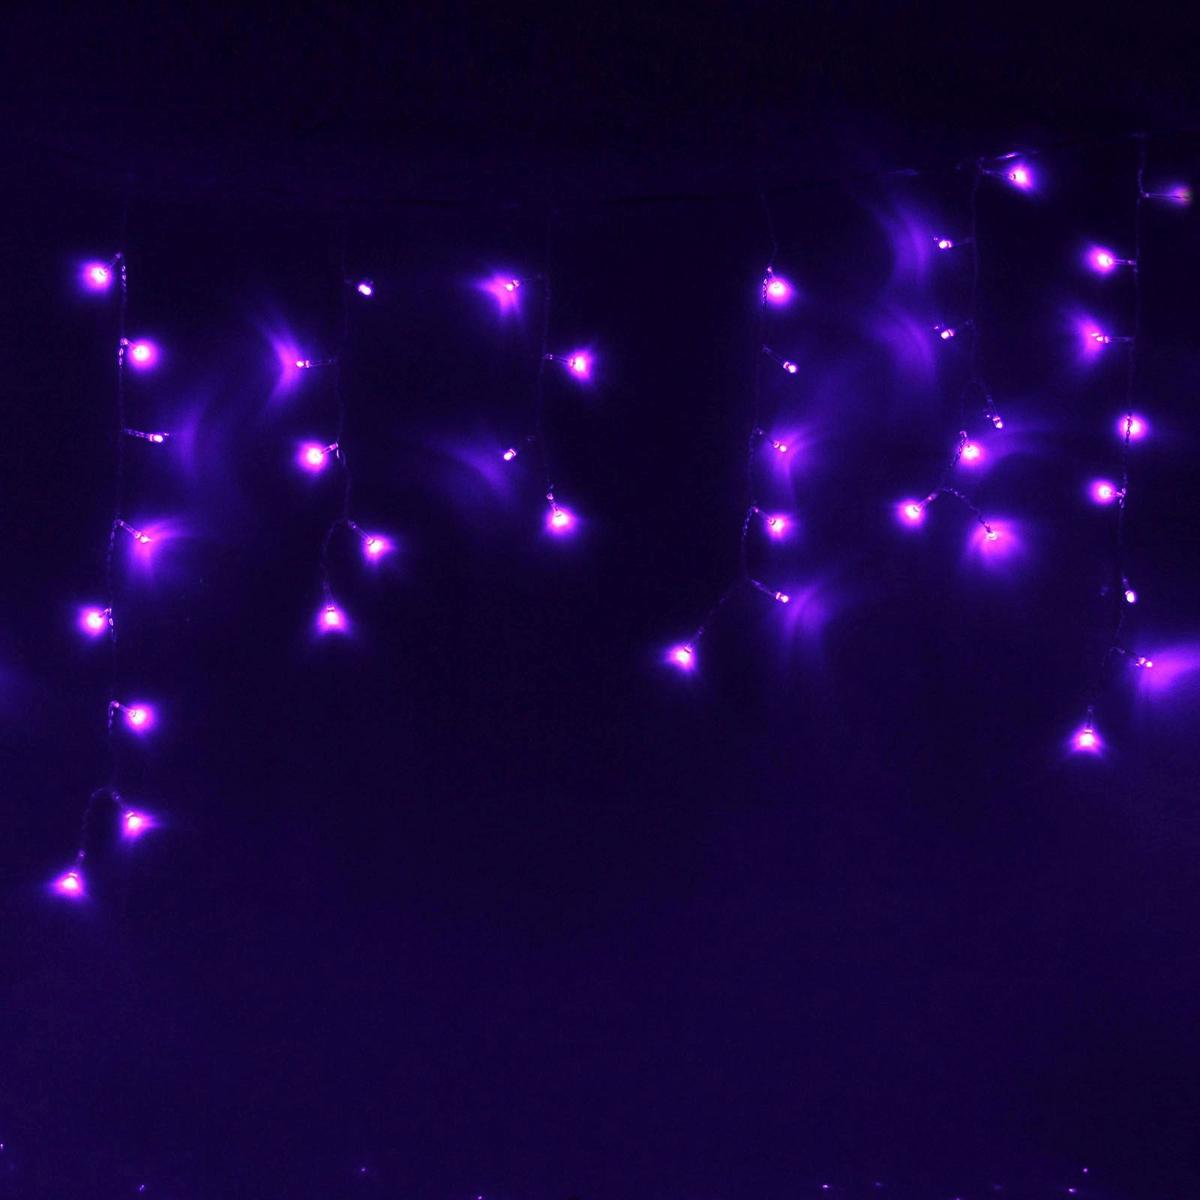 Гирлянда светодиодная Luazon Бахрома, уличная, 8 режимов, 120 ламп, 220 V, цвет: фиолетовый, 2 х 0,6 м. 187262187262Светодиодные гирлянды, ленты и т.д — это отличный вариант для новогоднего оформления интерьера или фасада. С их помощью помещение любого размера можно превратить в праздничный зал, а внешние элементы зданий, украшенные ими, мгновенно станут напоминать очертания сказочного дворца. Такие украшения создают ауру предвкушения чуда. Деревья, фасады, витрины, окна и арки будто специально созданы, чтобы вы украсили их светящимися нитями.